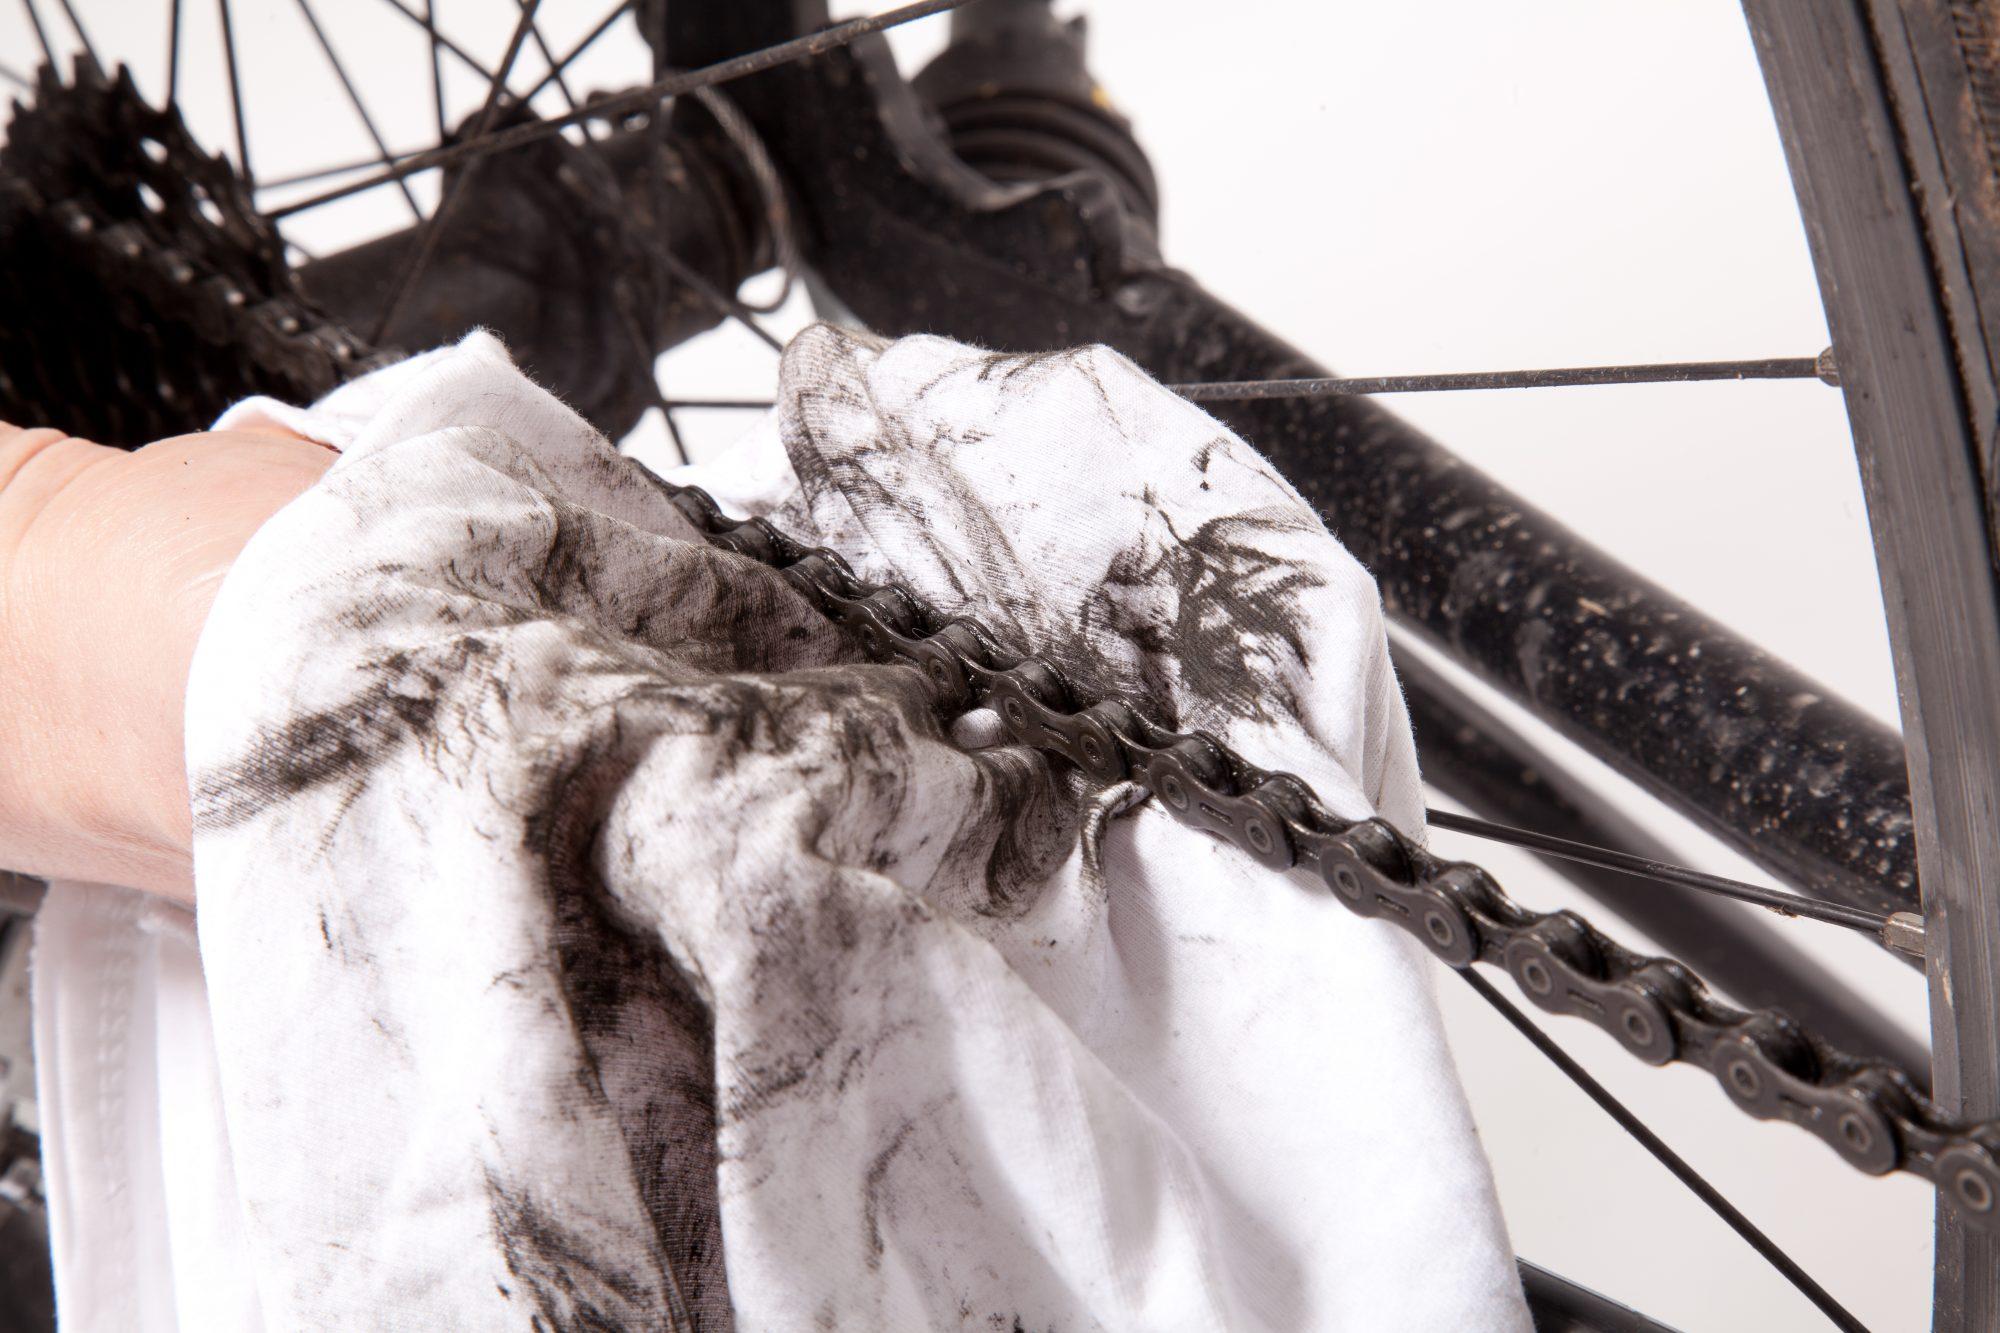 Die Kette des Fahrrads gründlich reinigen und nachfetten. Foto: ADFC